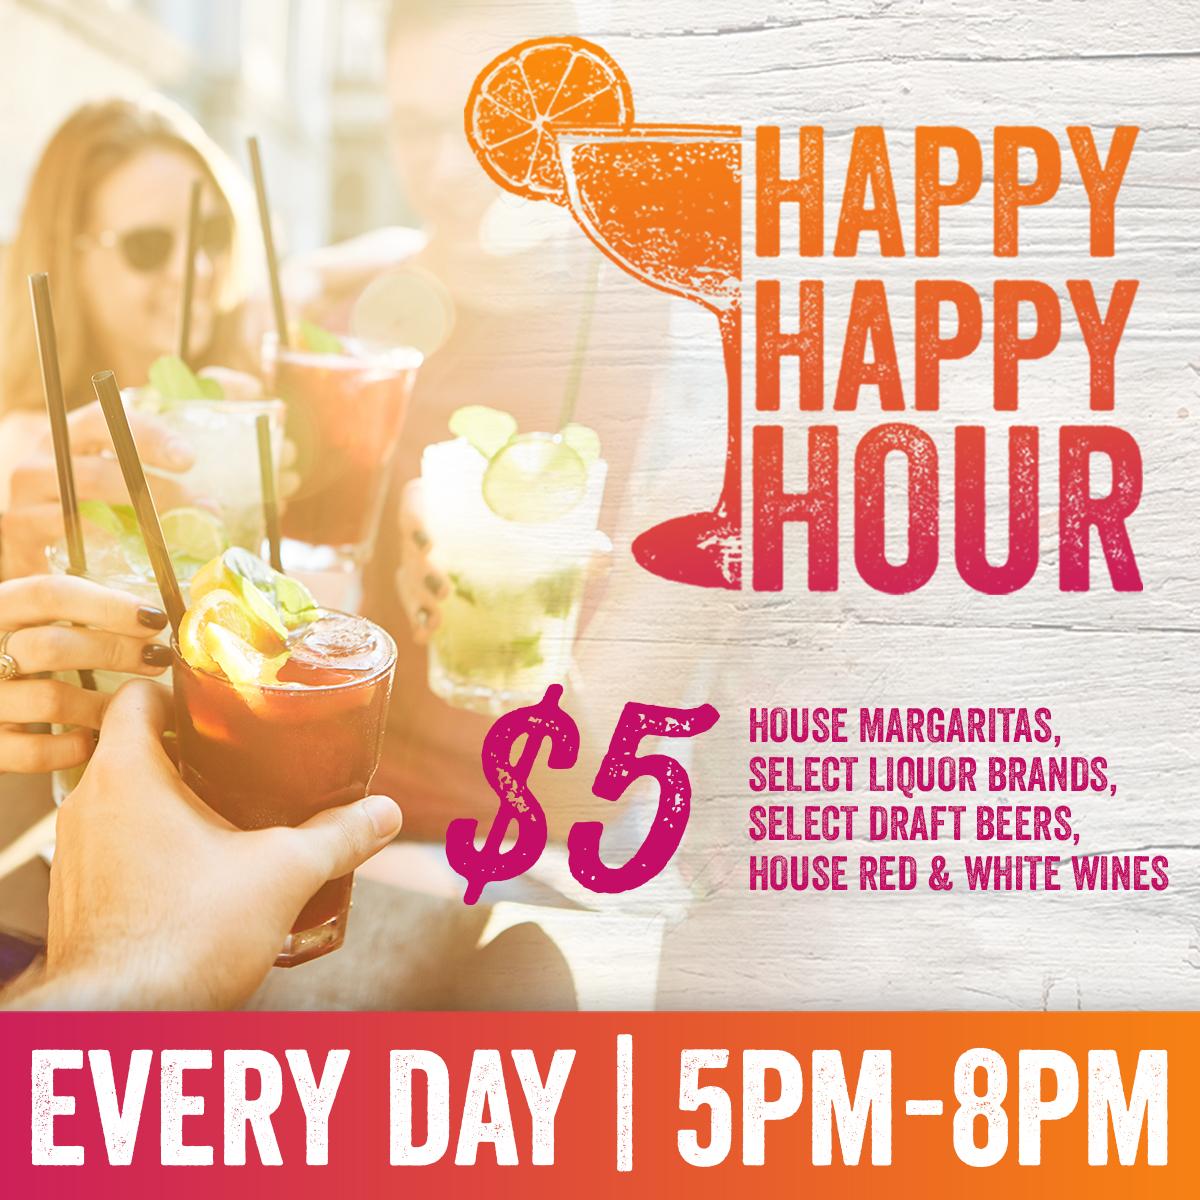 Happy Happy Hour Drink Specials Vicksburg